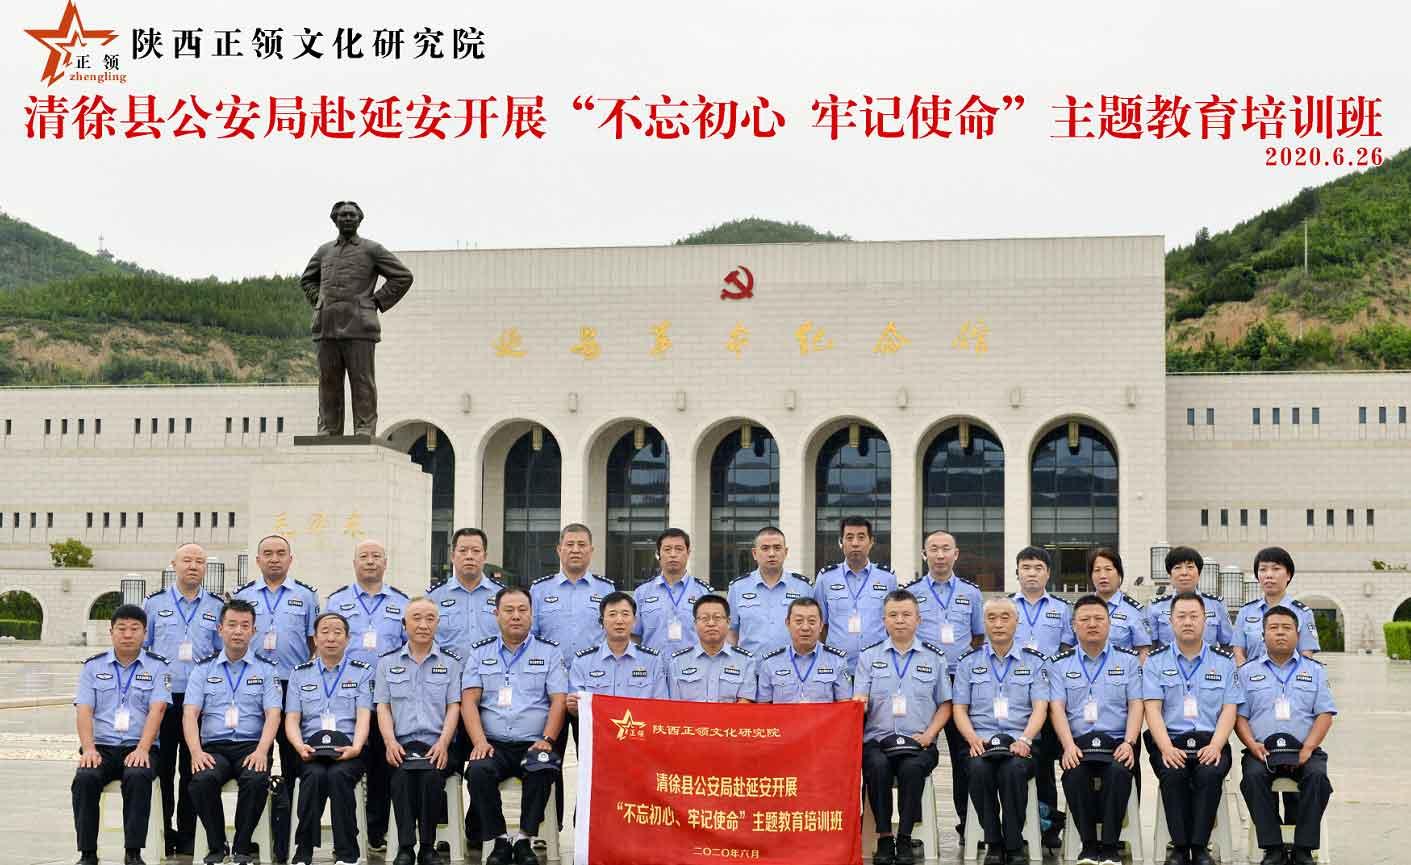 """清徐县公安局赴延安开展""""不忘初心、牢记使命""""主题教育培训班在"""